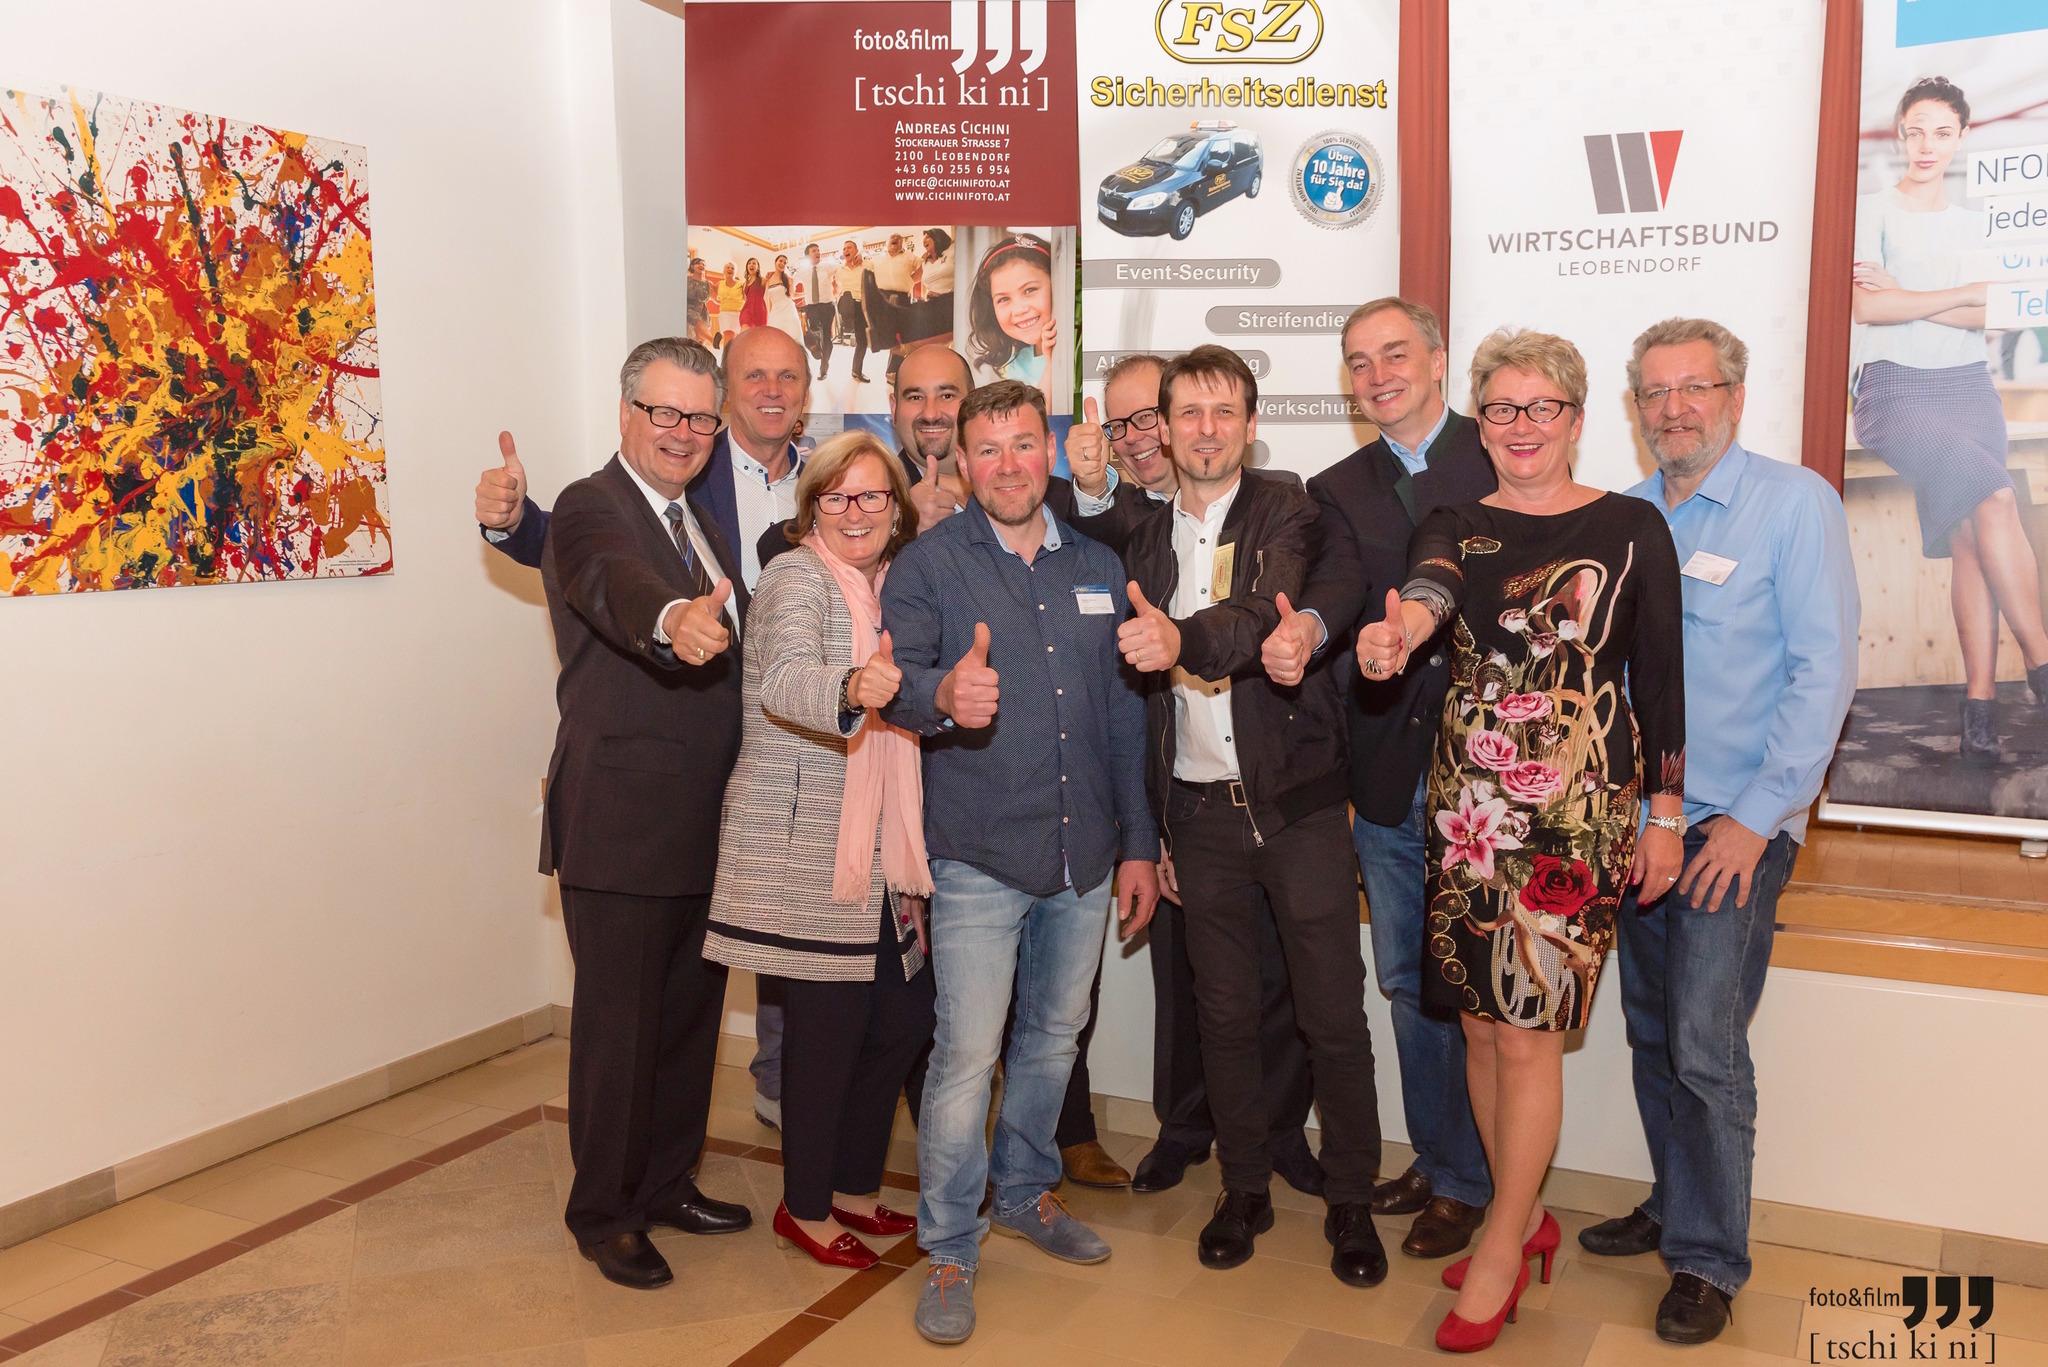 Aktuelle Veranstaltungen - Leobendorf - RiS-Kommunal